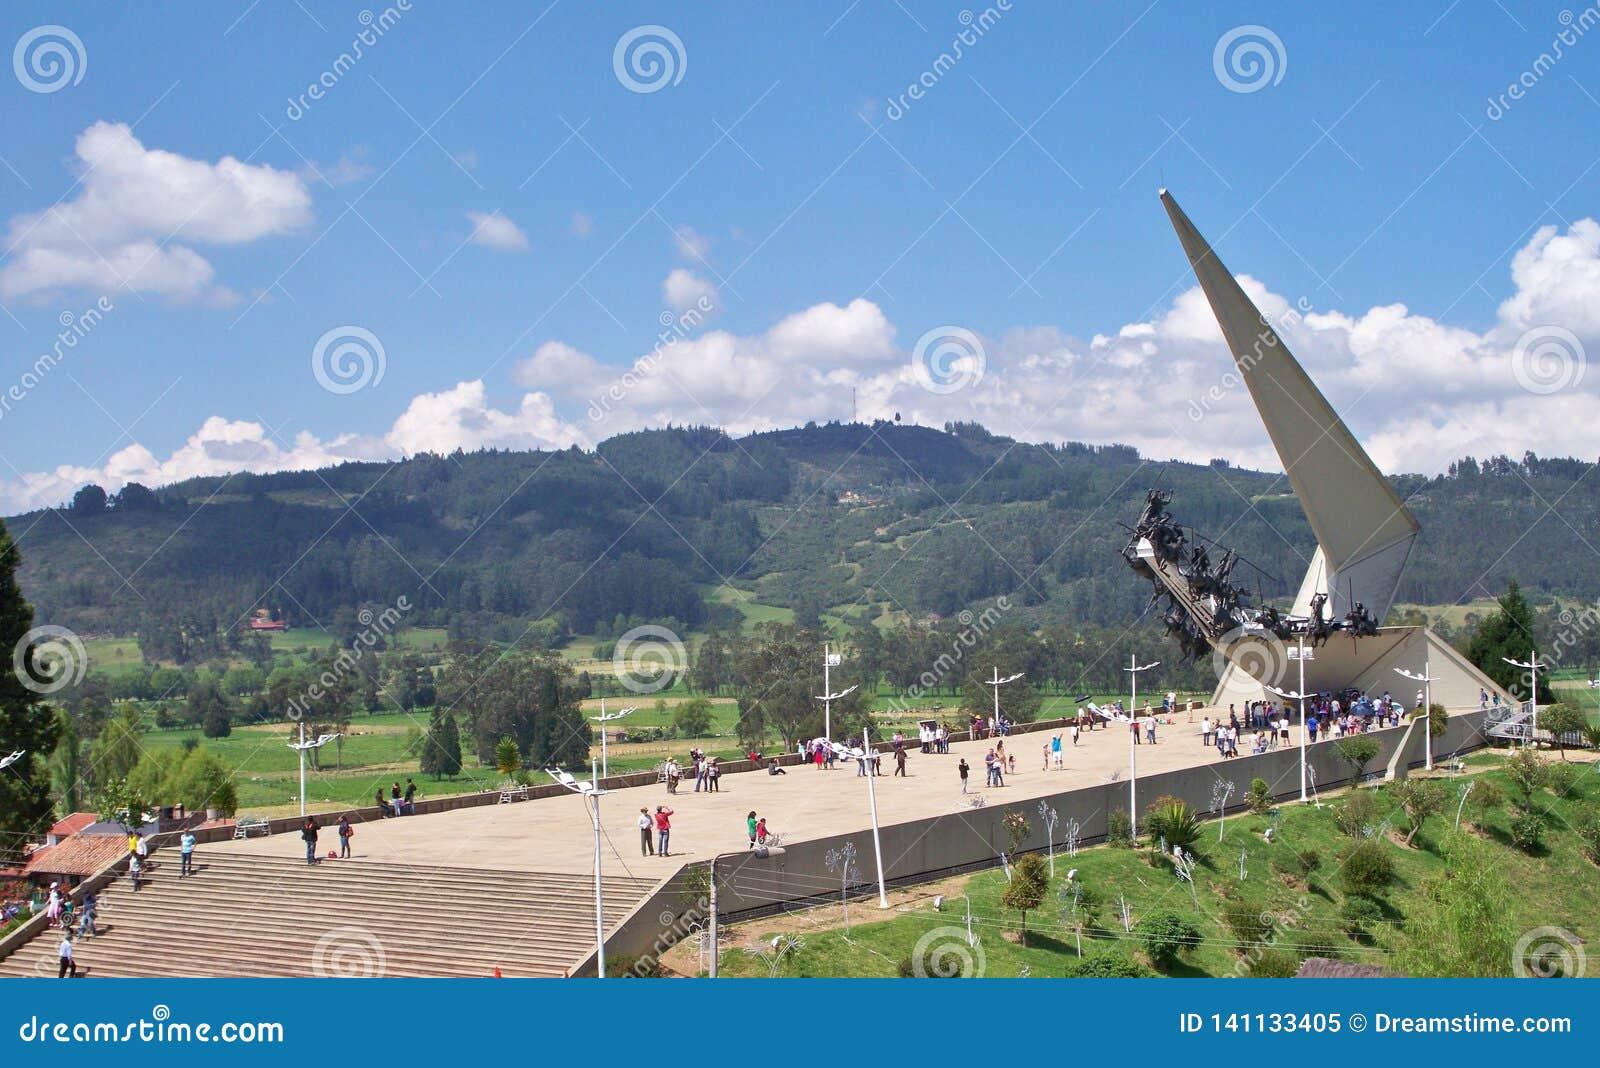 Turister i Pantano de Vargas, Paipa, Boyaca, Colombia